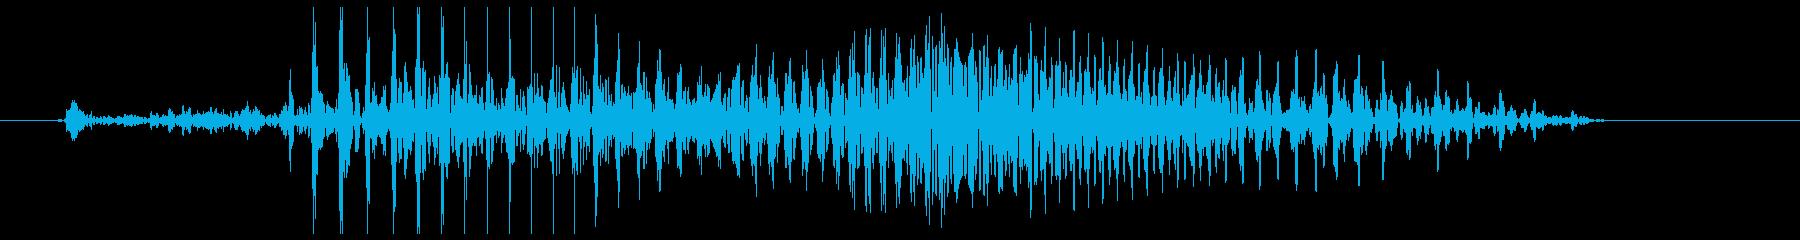 火曜の再生済みの波形